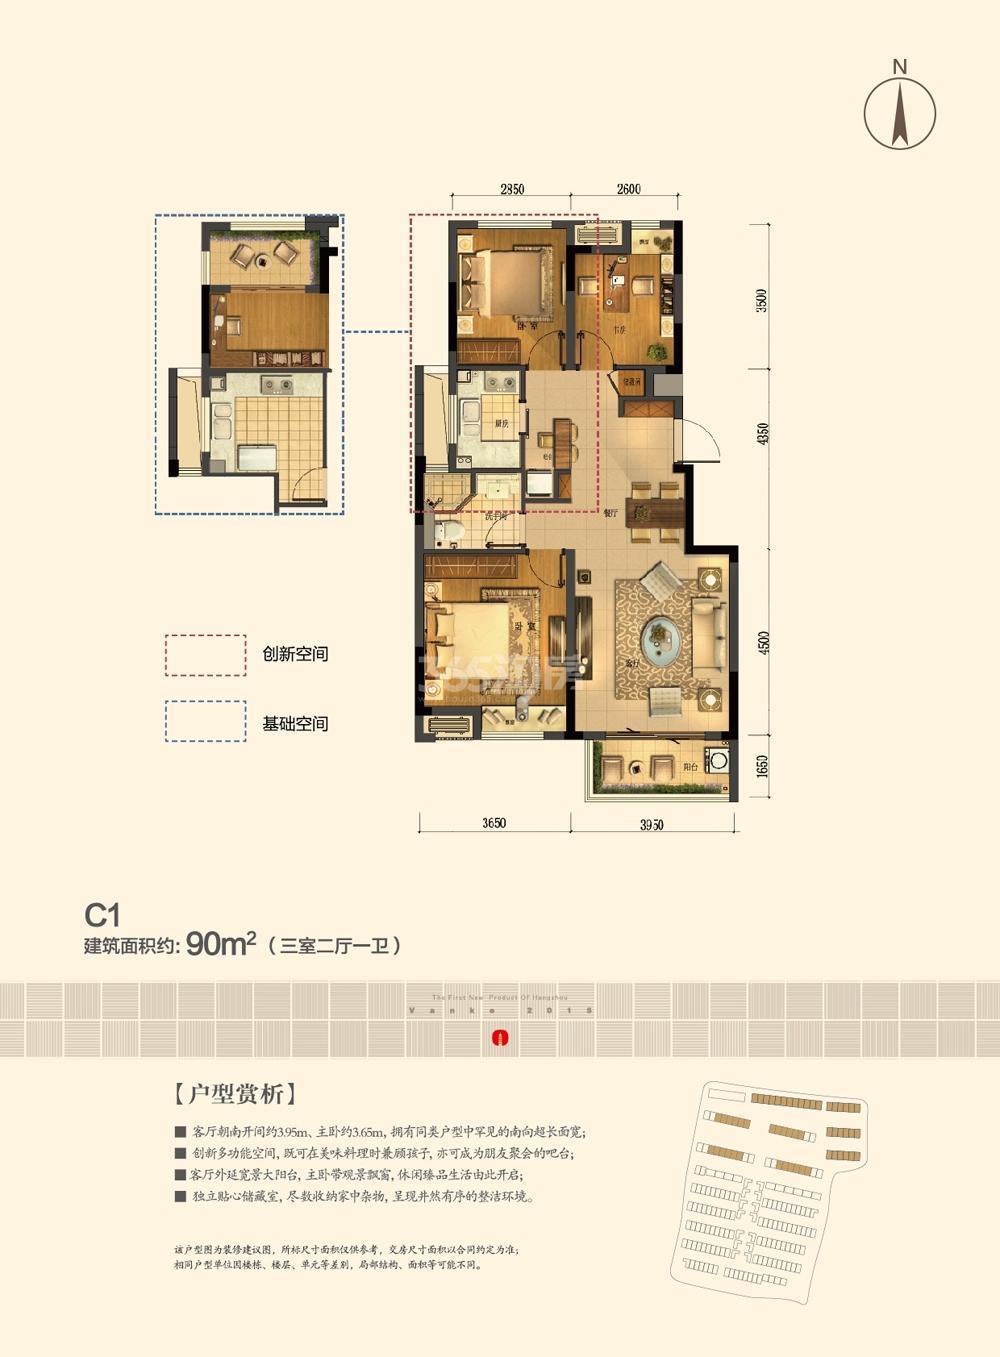 万科坤和玉泉7—14号楼C1户型90方